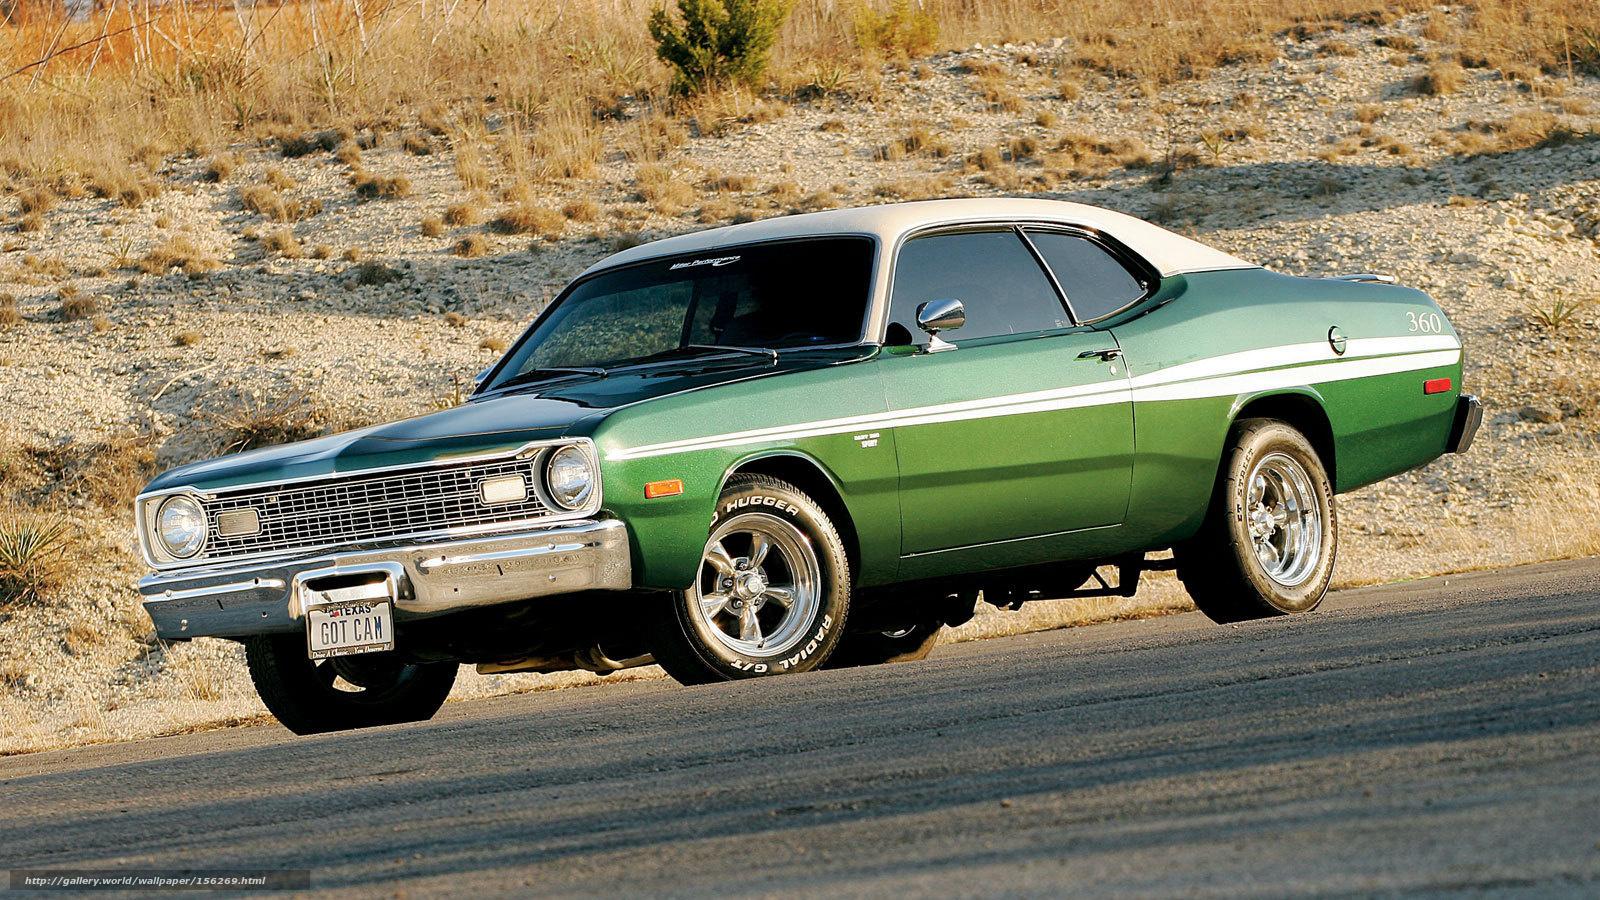 156269_dodge_muscle-car_avtomobili_mashiny_avto_1600x900_(www.GdeFon.ru).jpg